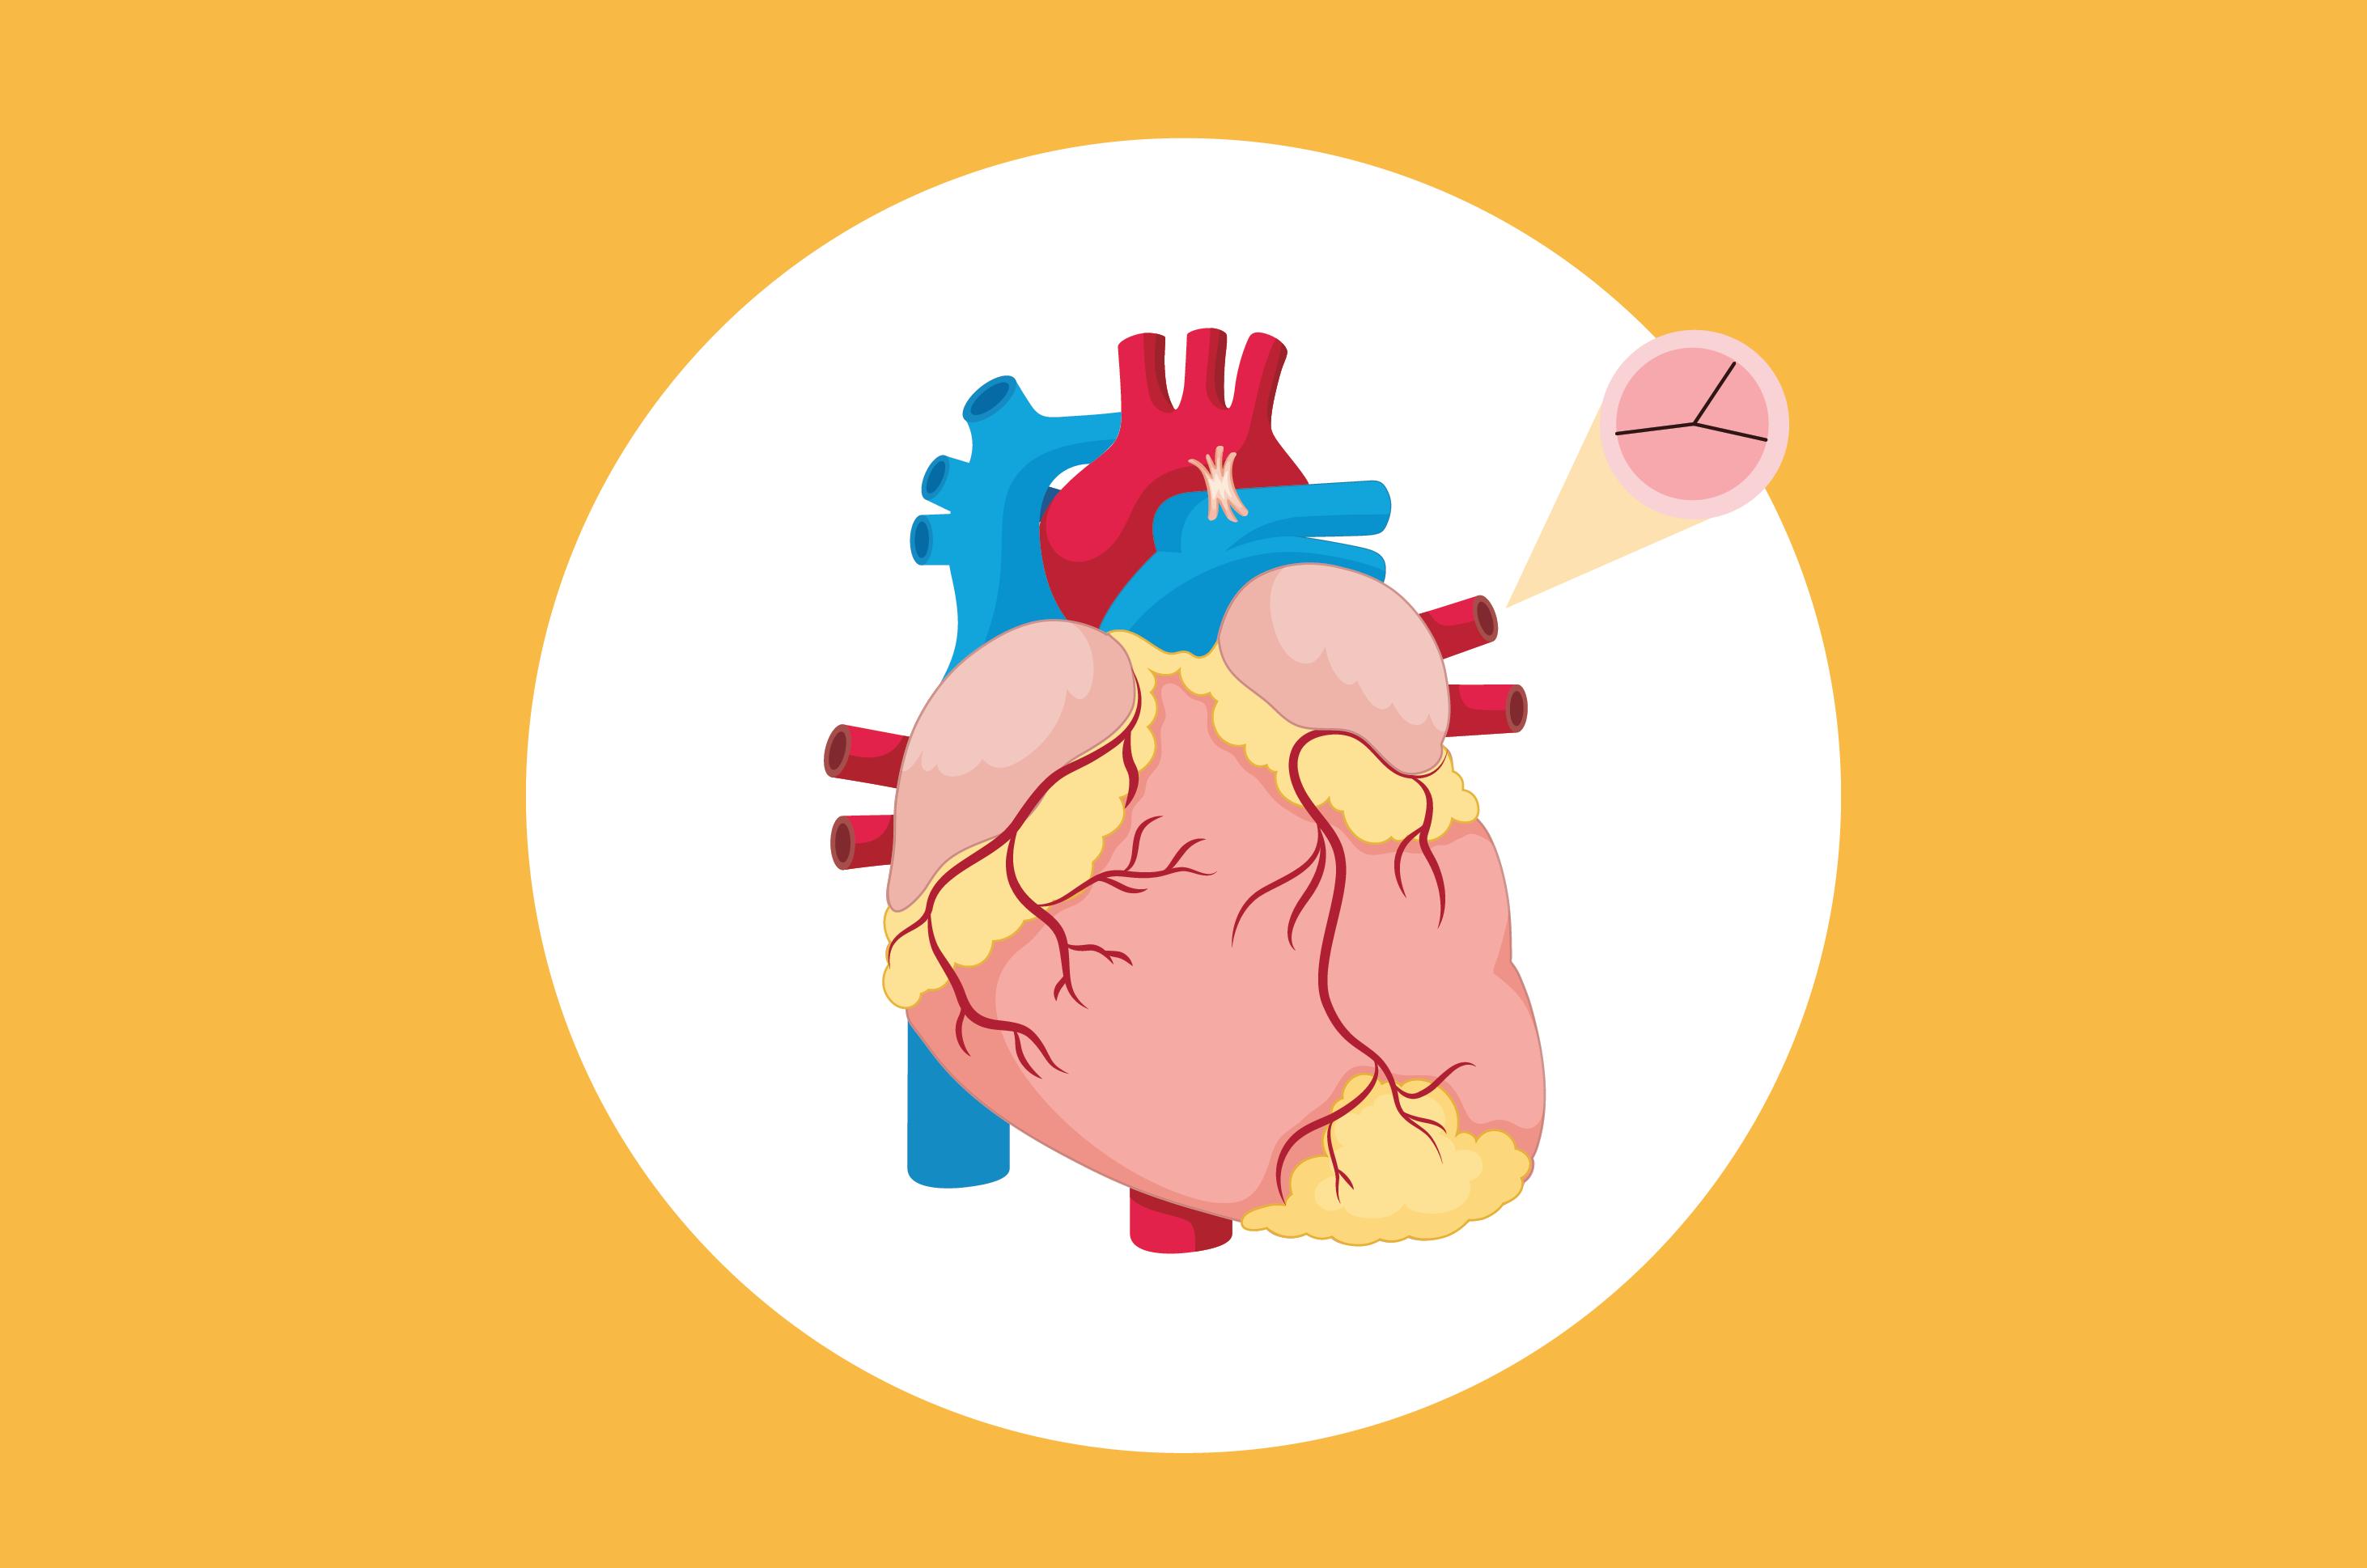 Kenali Tanda-Tanda Gangguan Katup Jantung yang Jangan Diabaikan